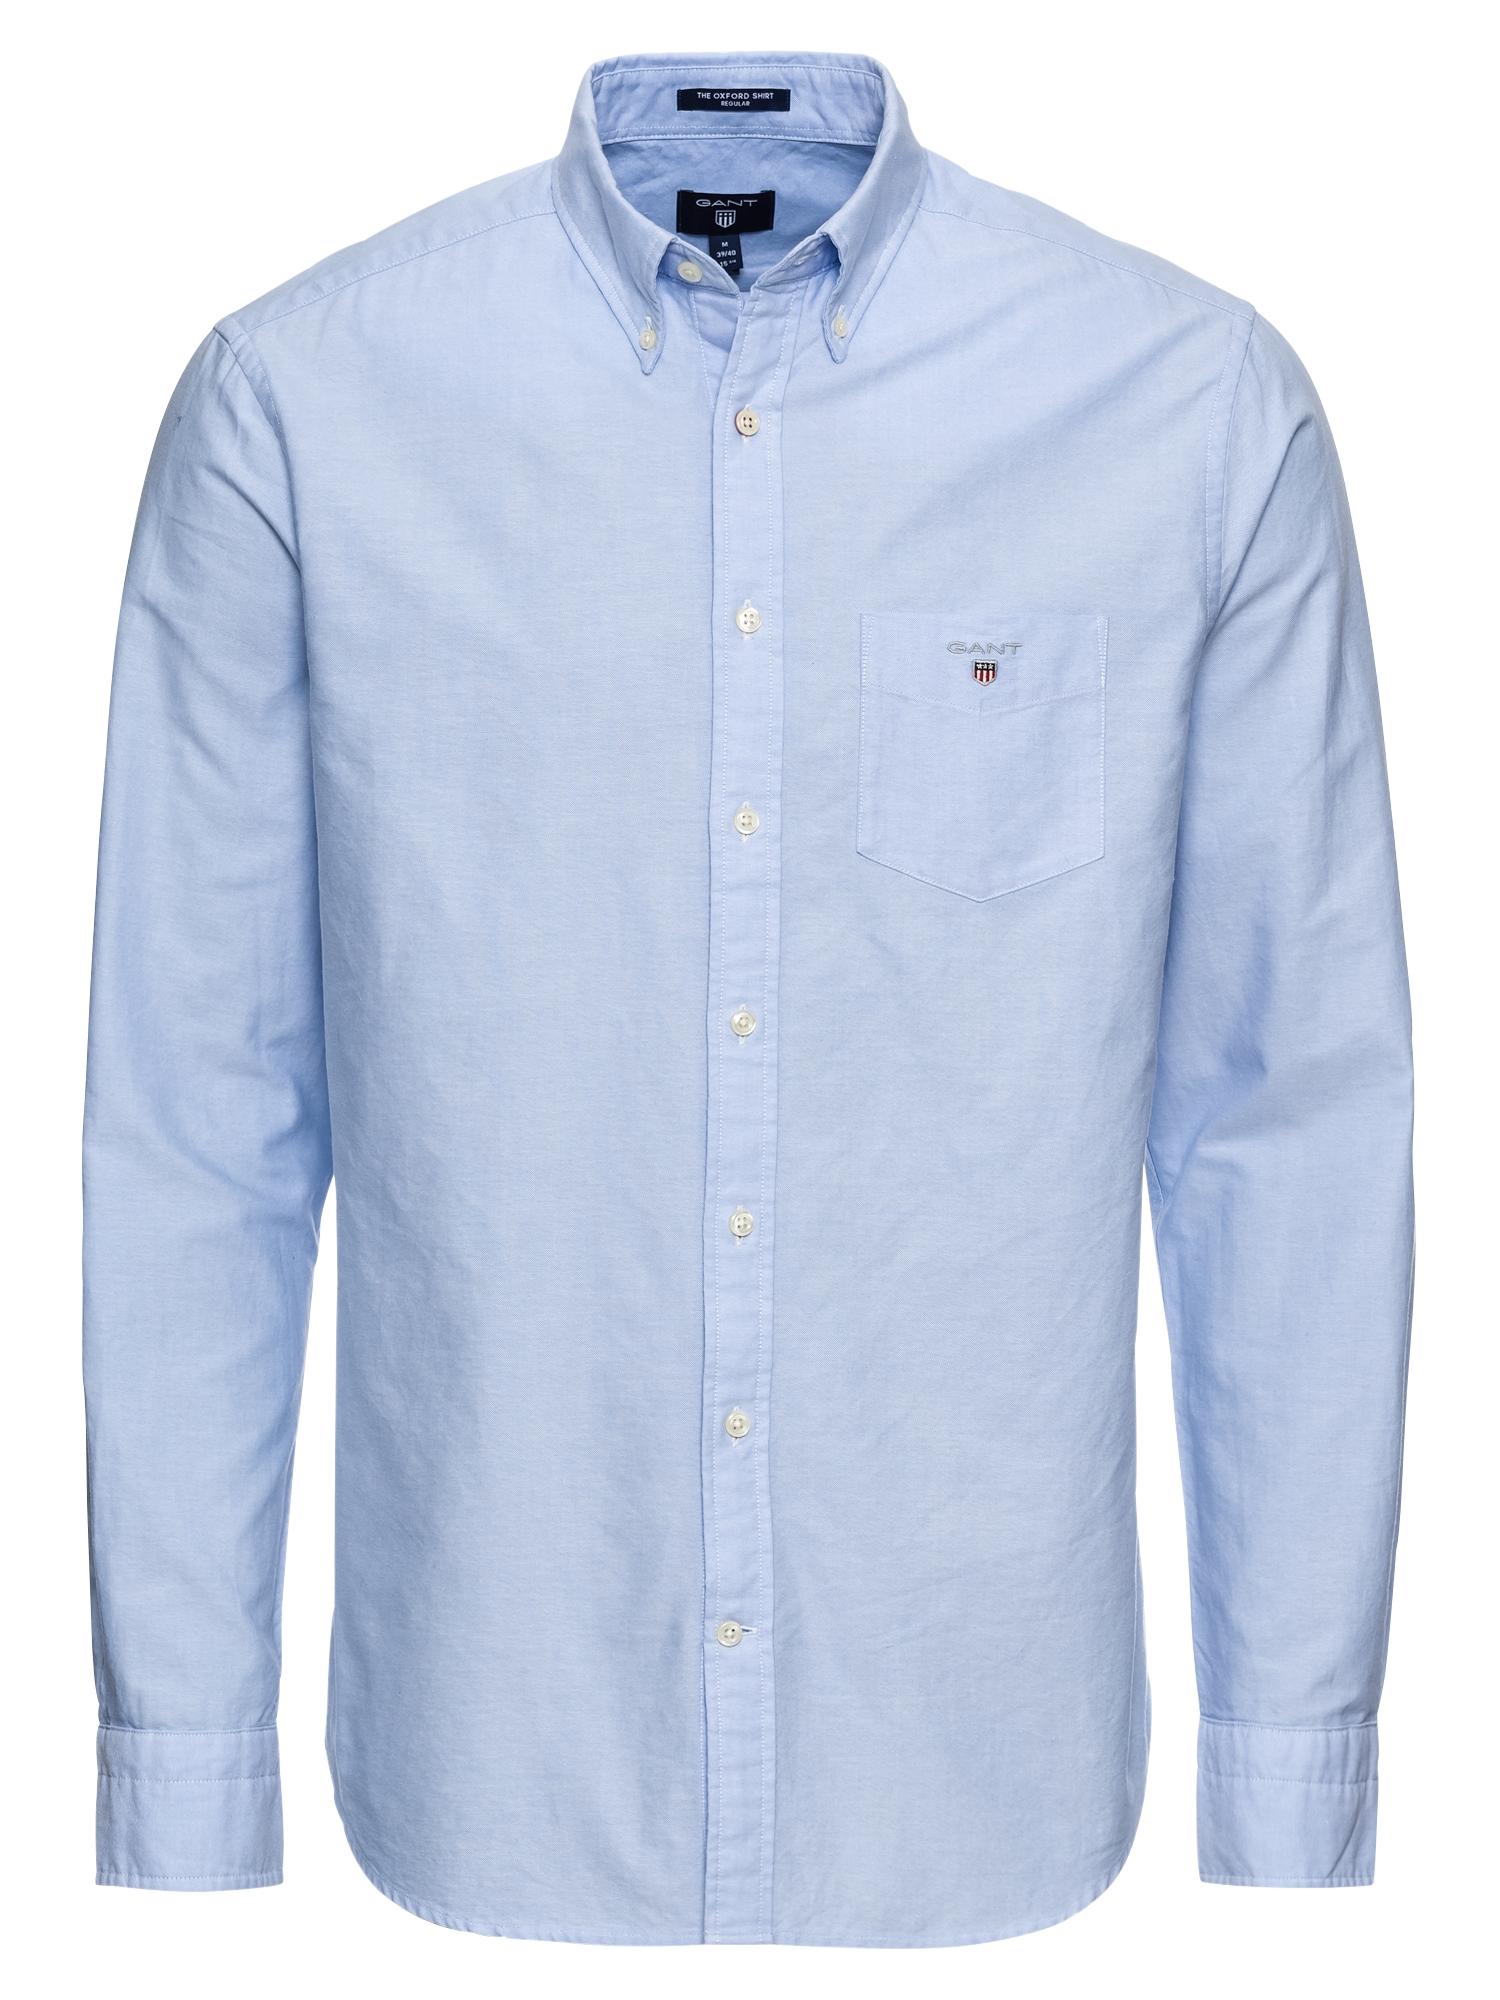 GANT Dalykiniai marškiniai 'The Oxford Shirt BD' šviesiai mėlyna